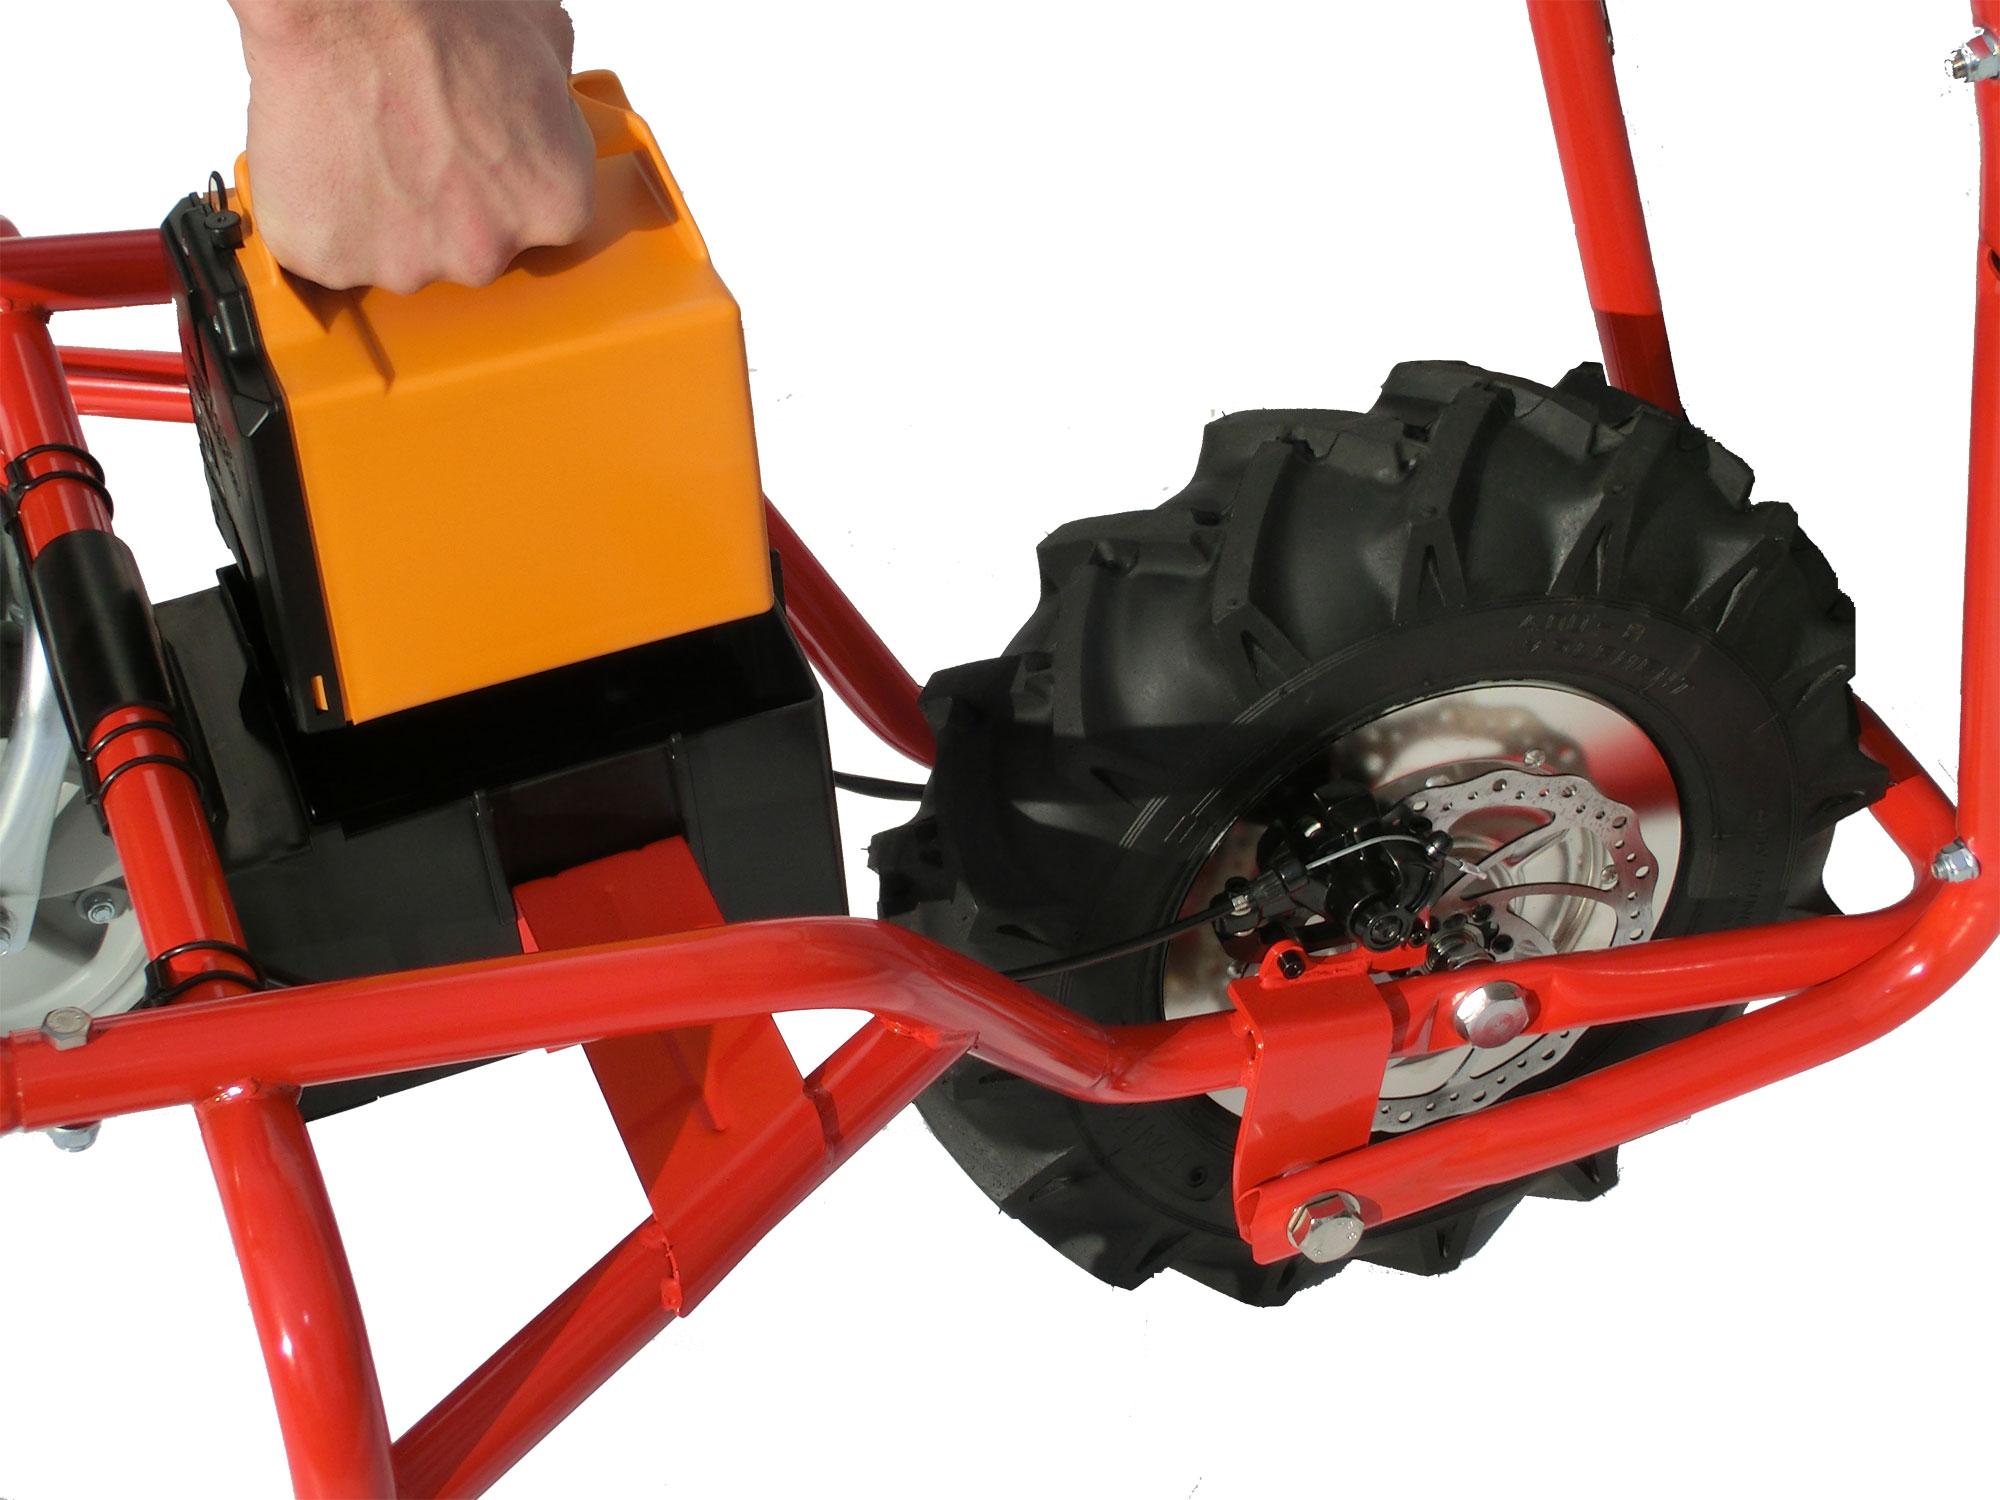 Powerpac Elektro-Dumper / Elektroschubkarre ED120 mit Schneeschild Bild 3